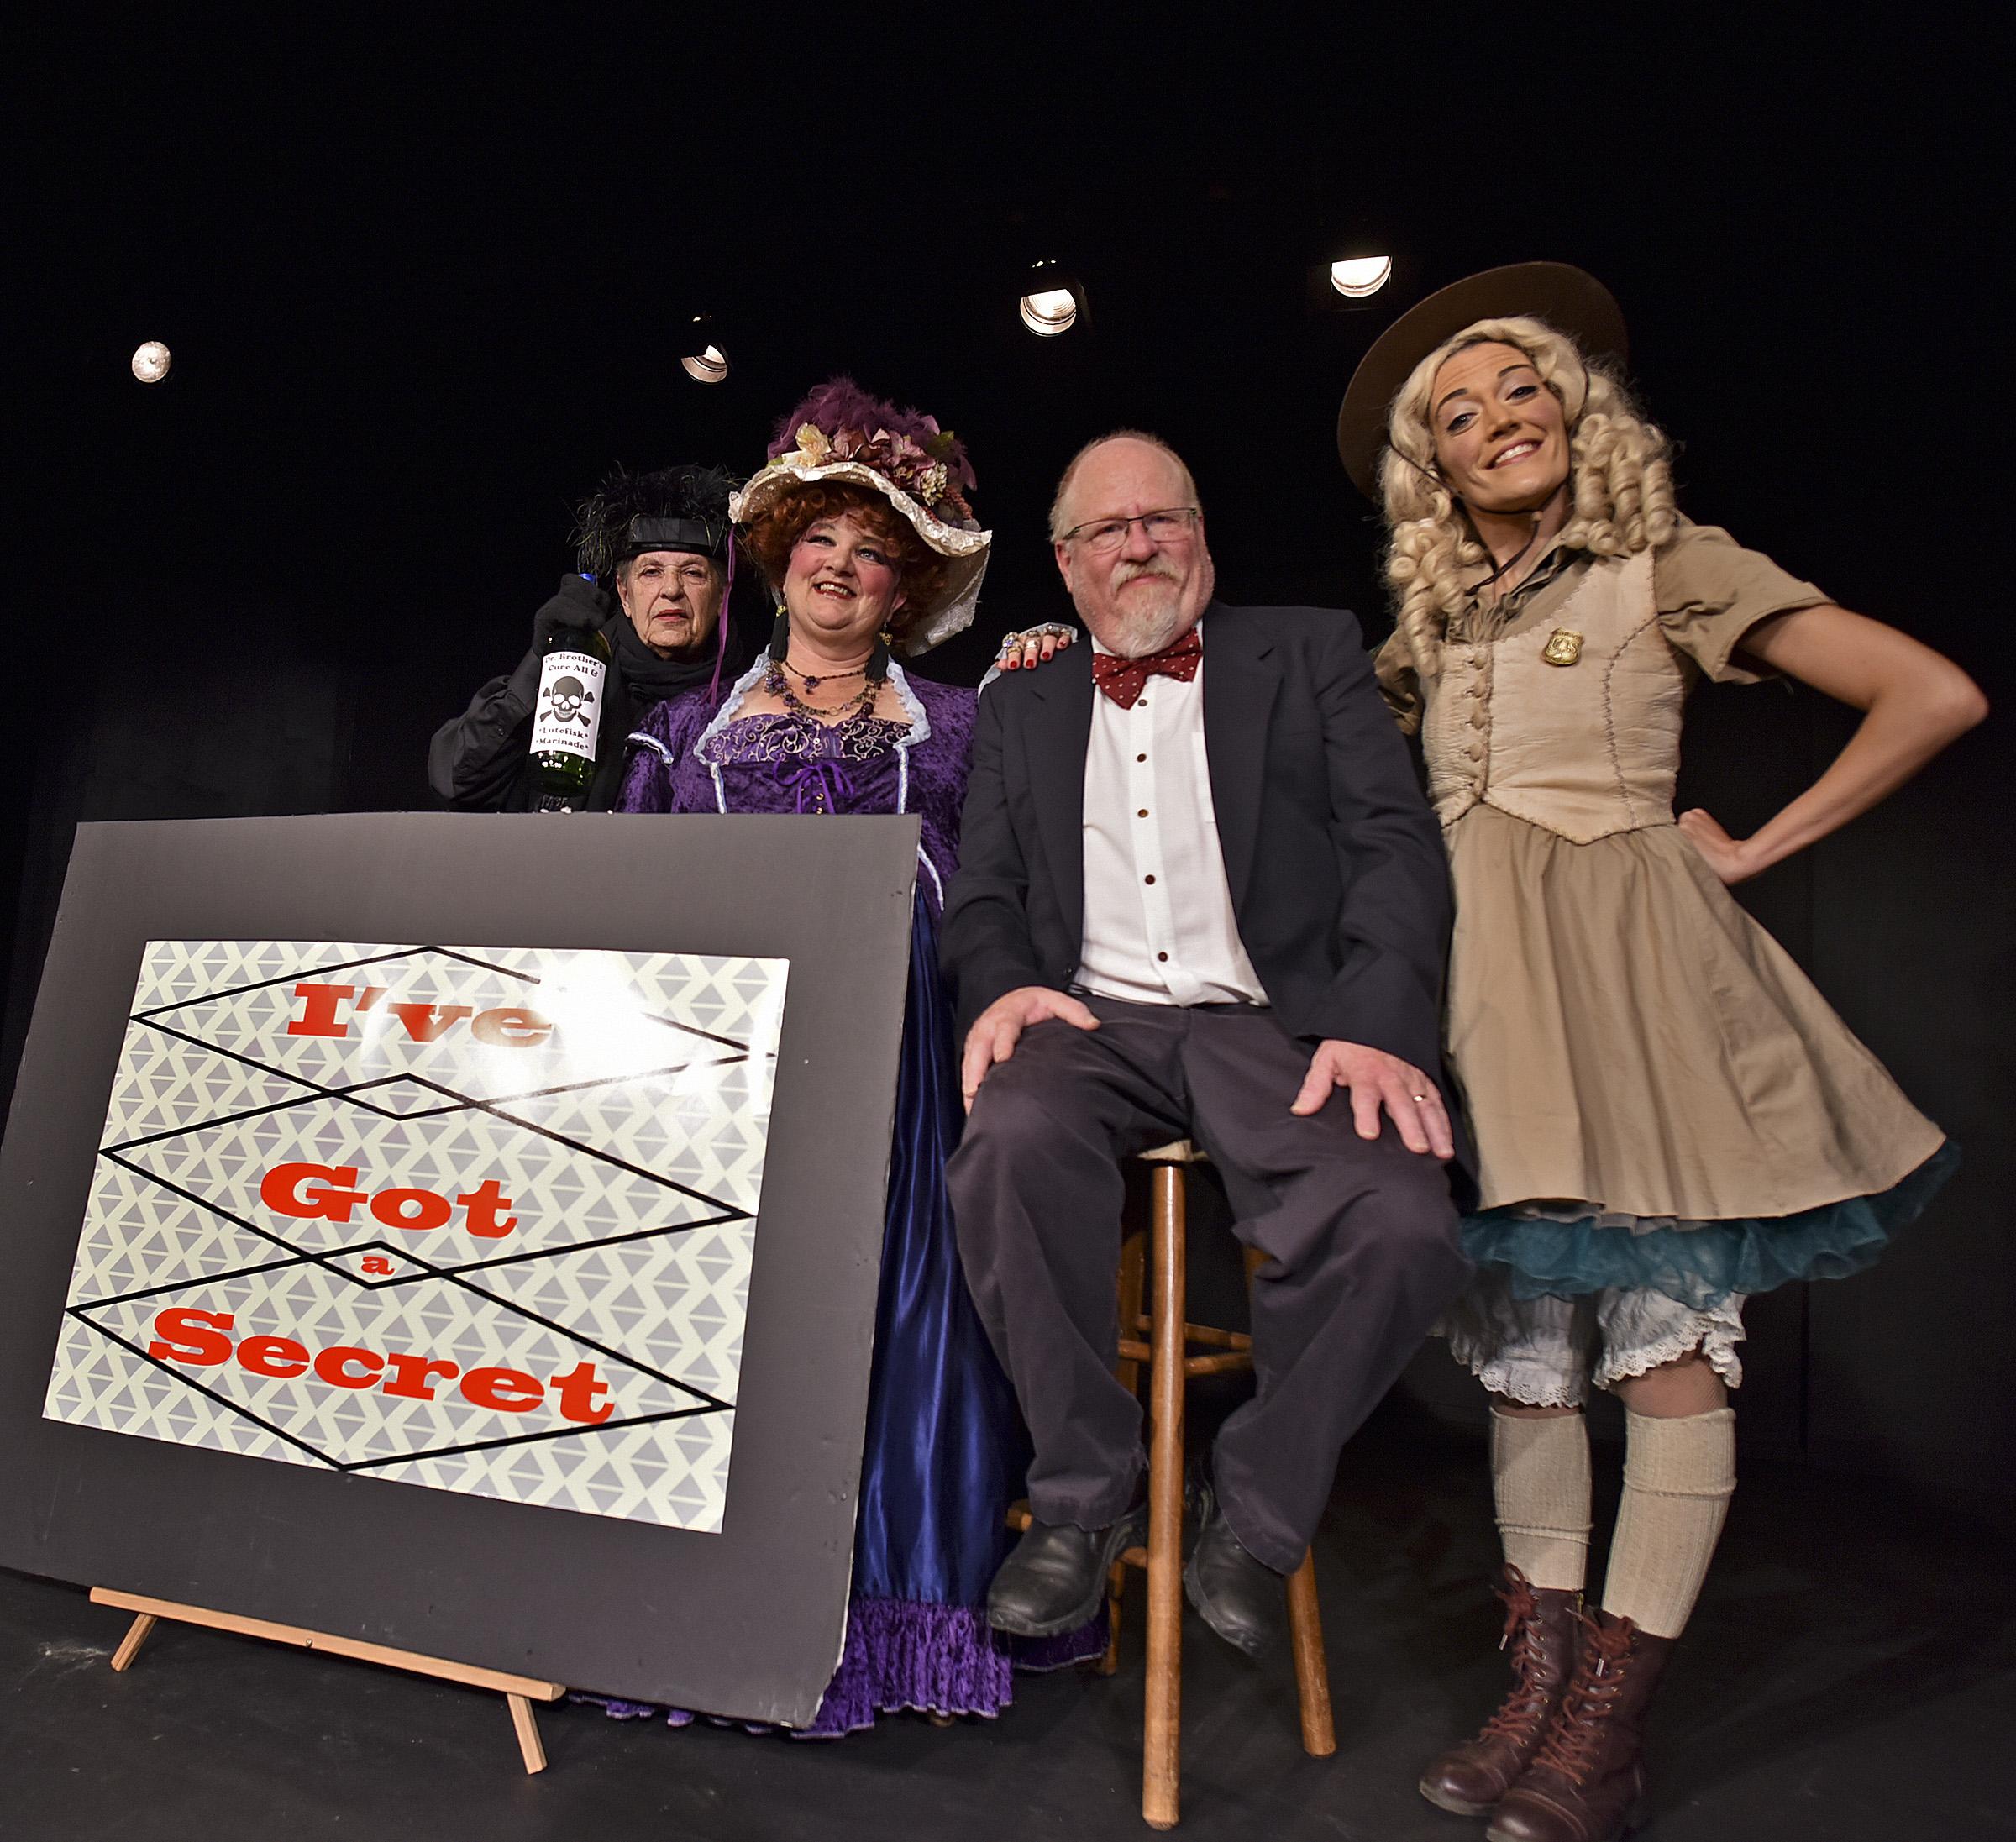 Ethel Krooke, Miss Macie, Michael Desmond and the Park Ranger